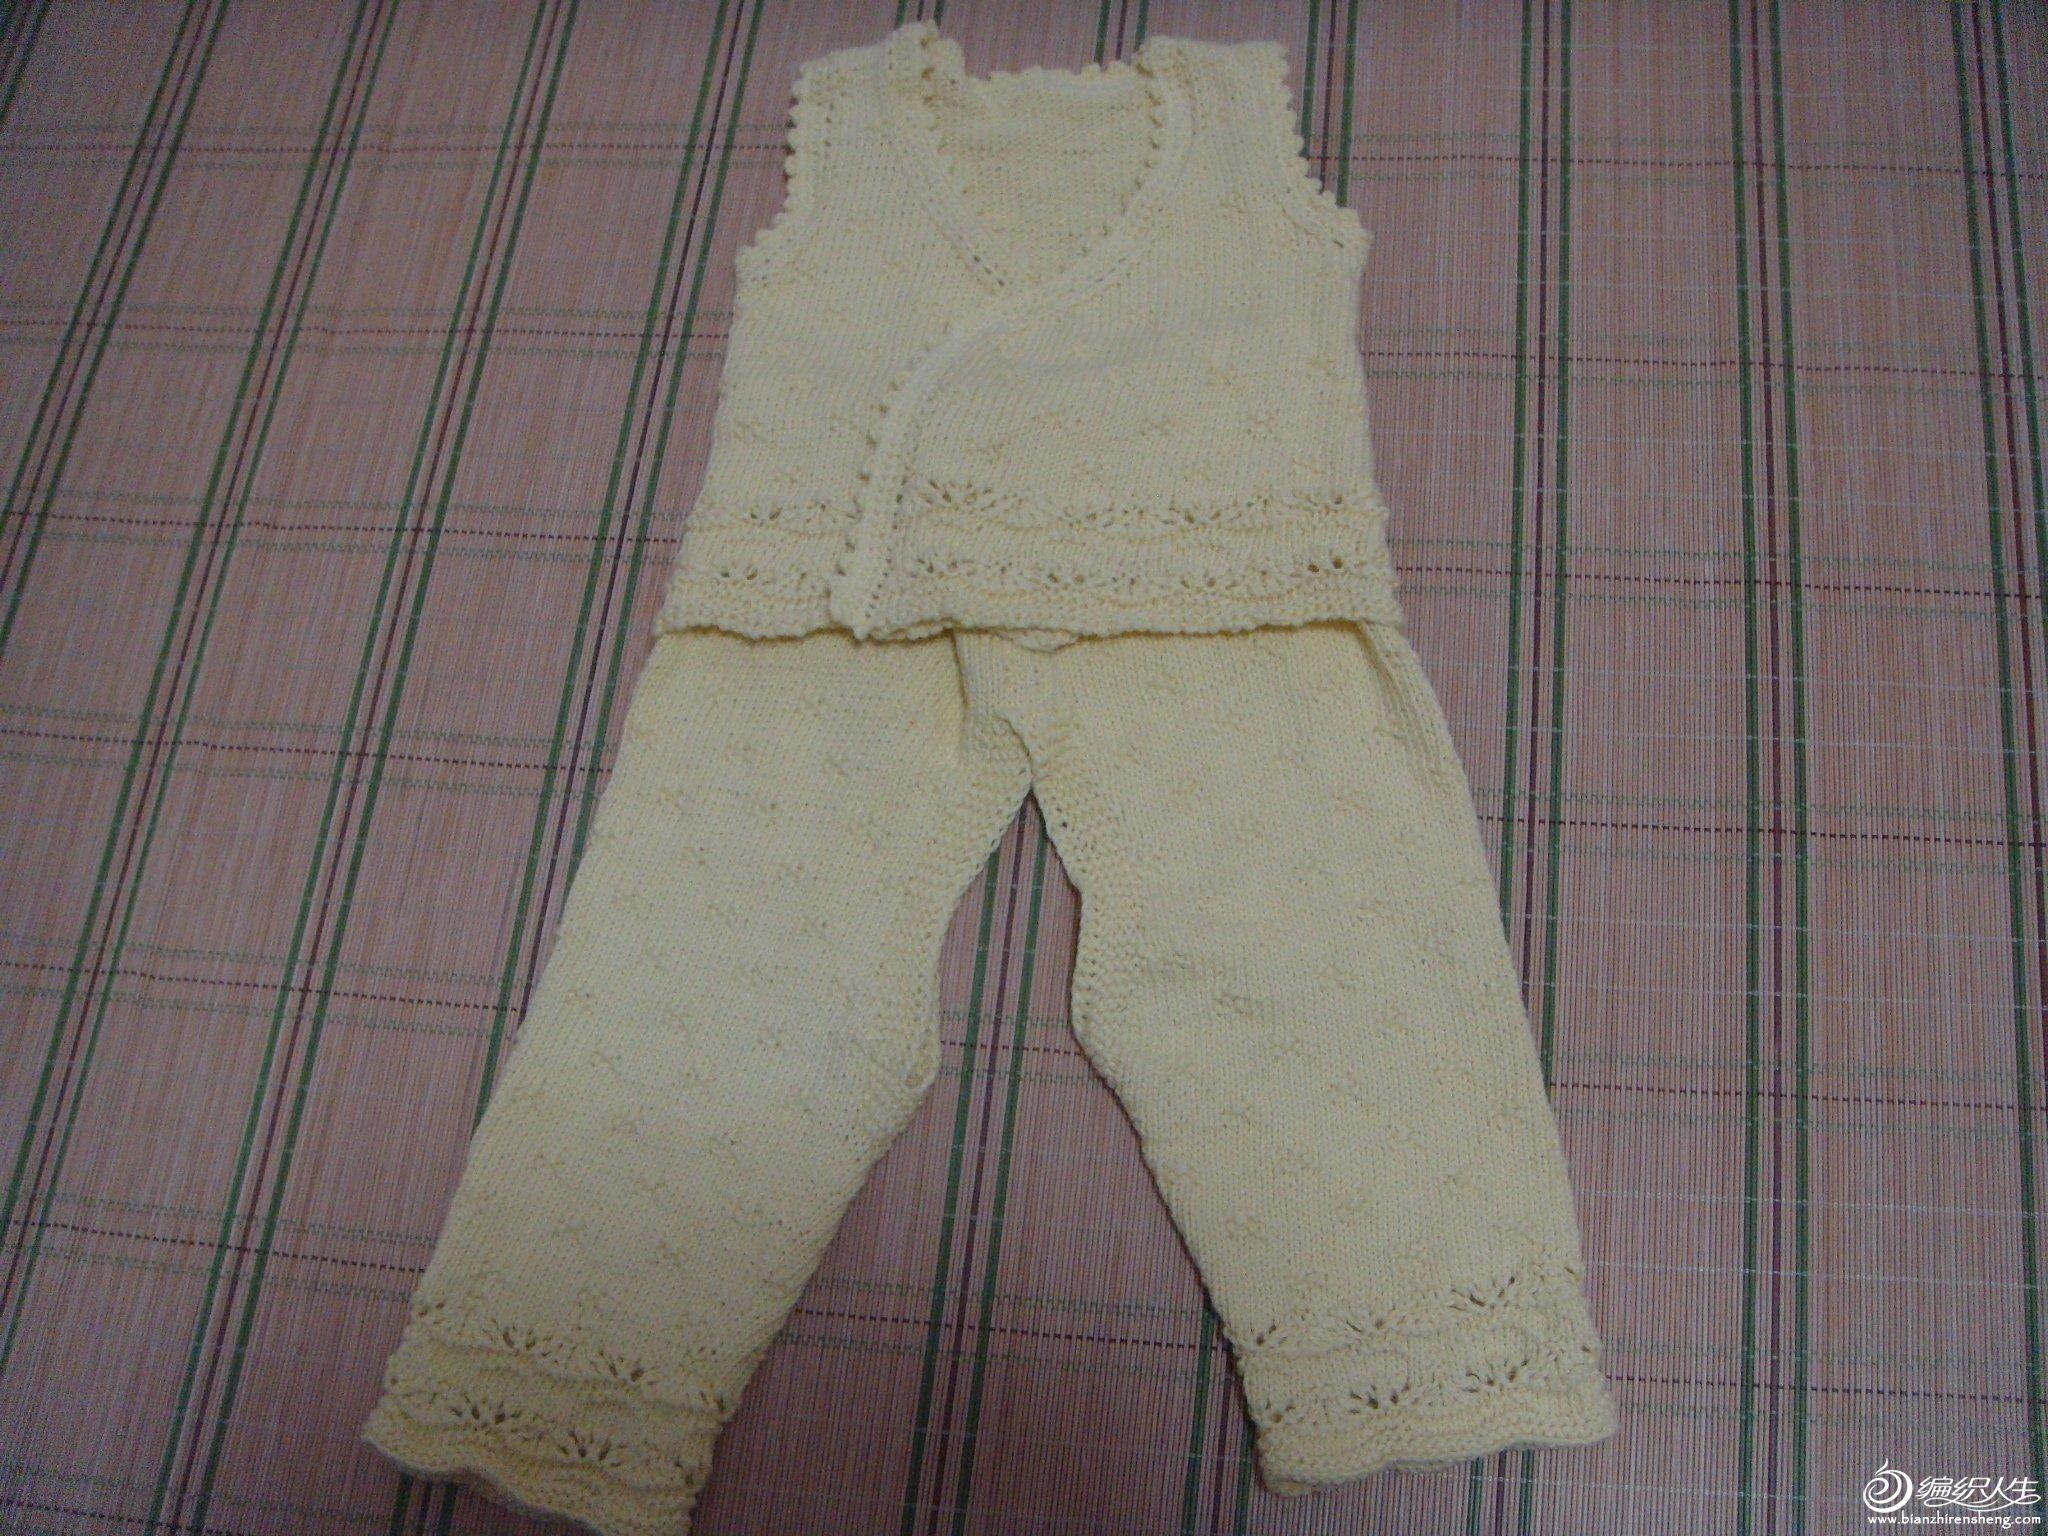 我的编织作品(童装-背心和开裆裤) 014.jpg